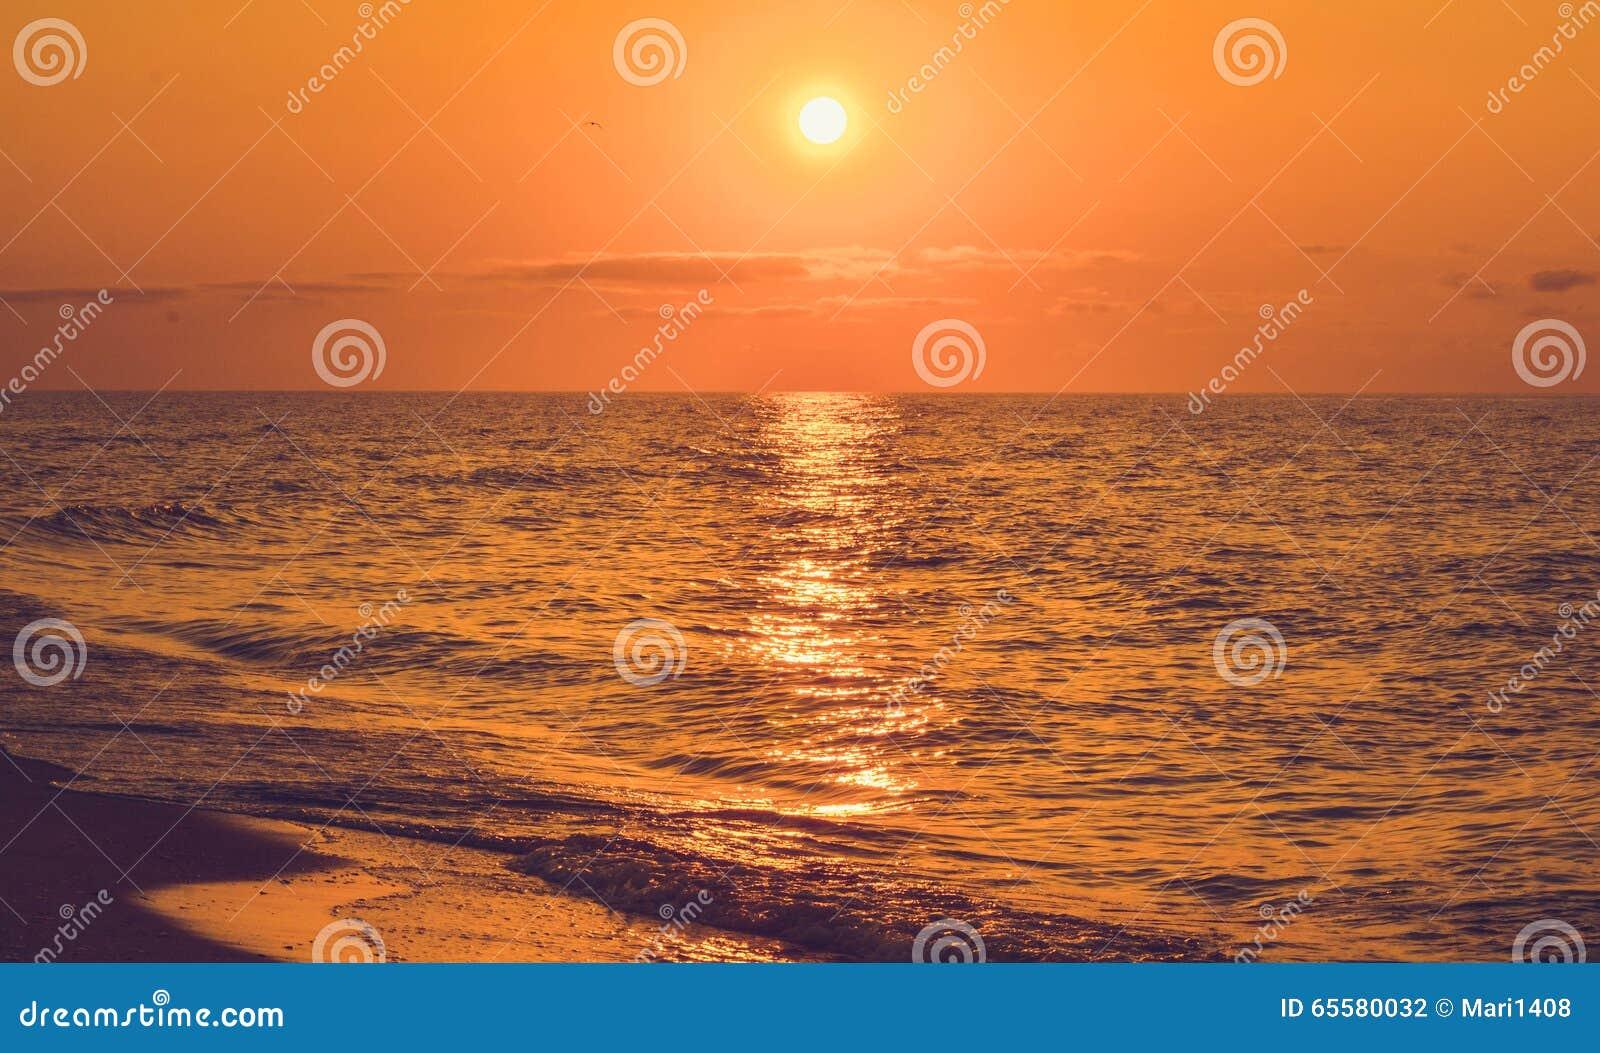 Paisagem do mar durante a calma com sol